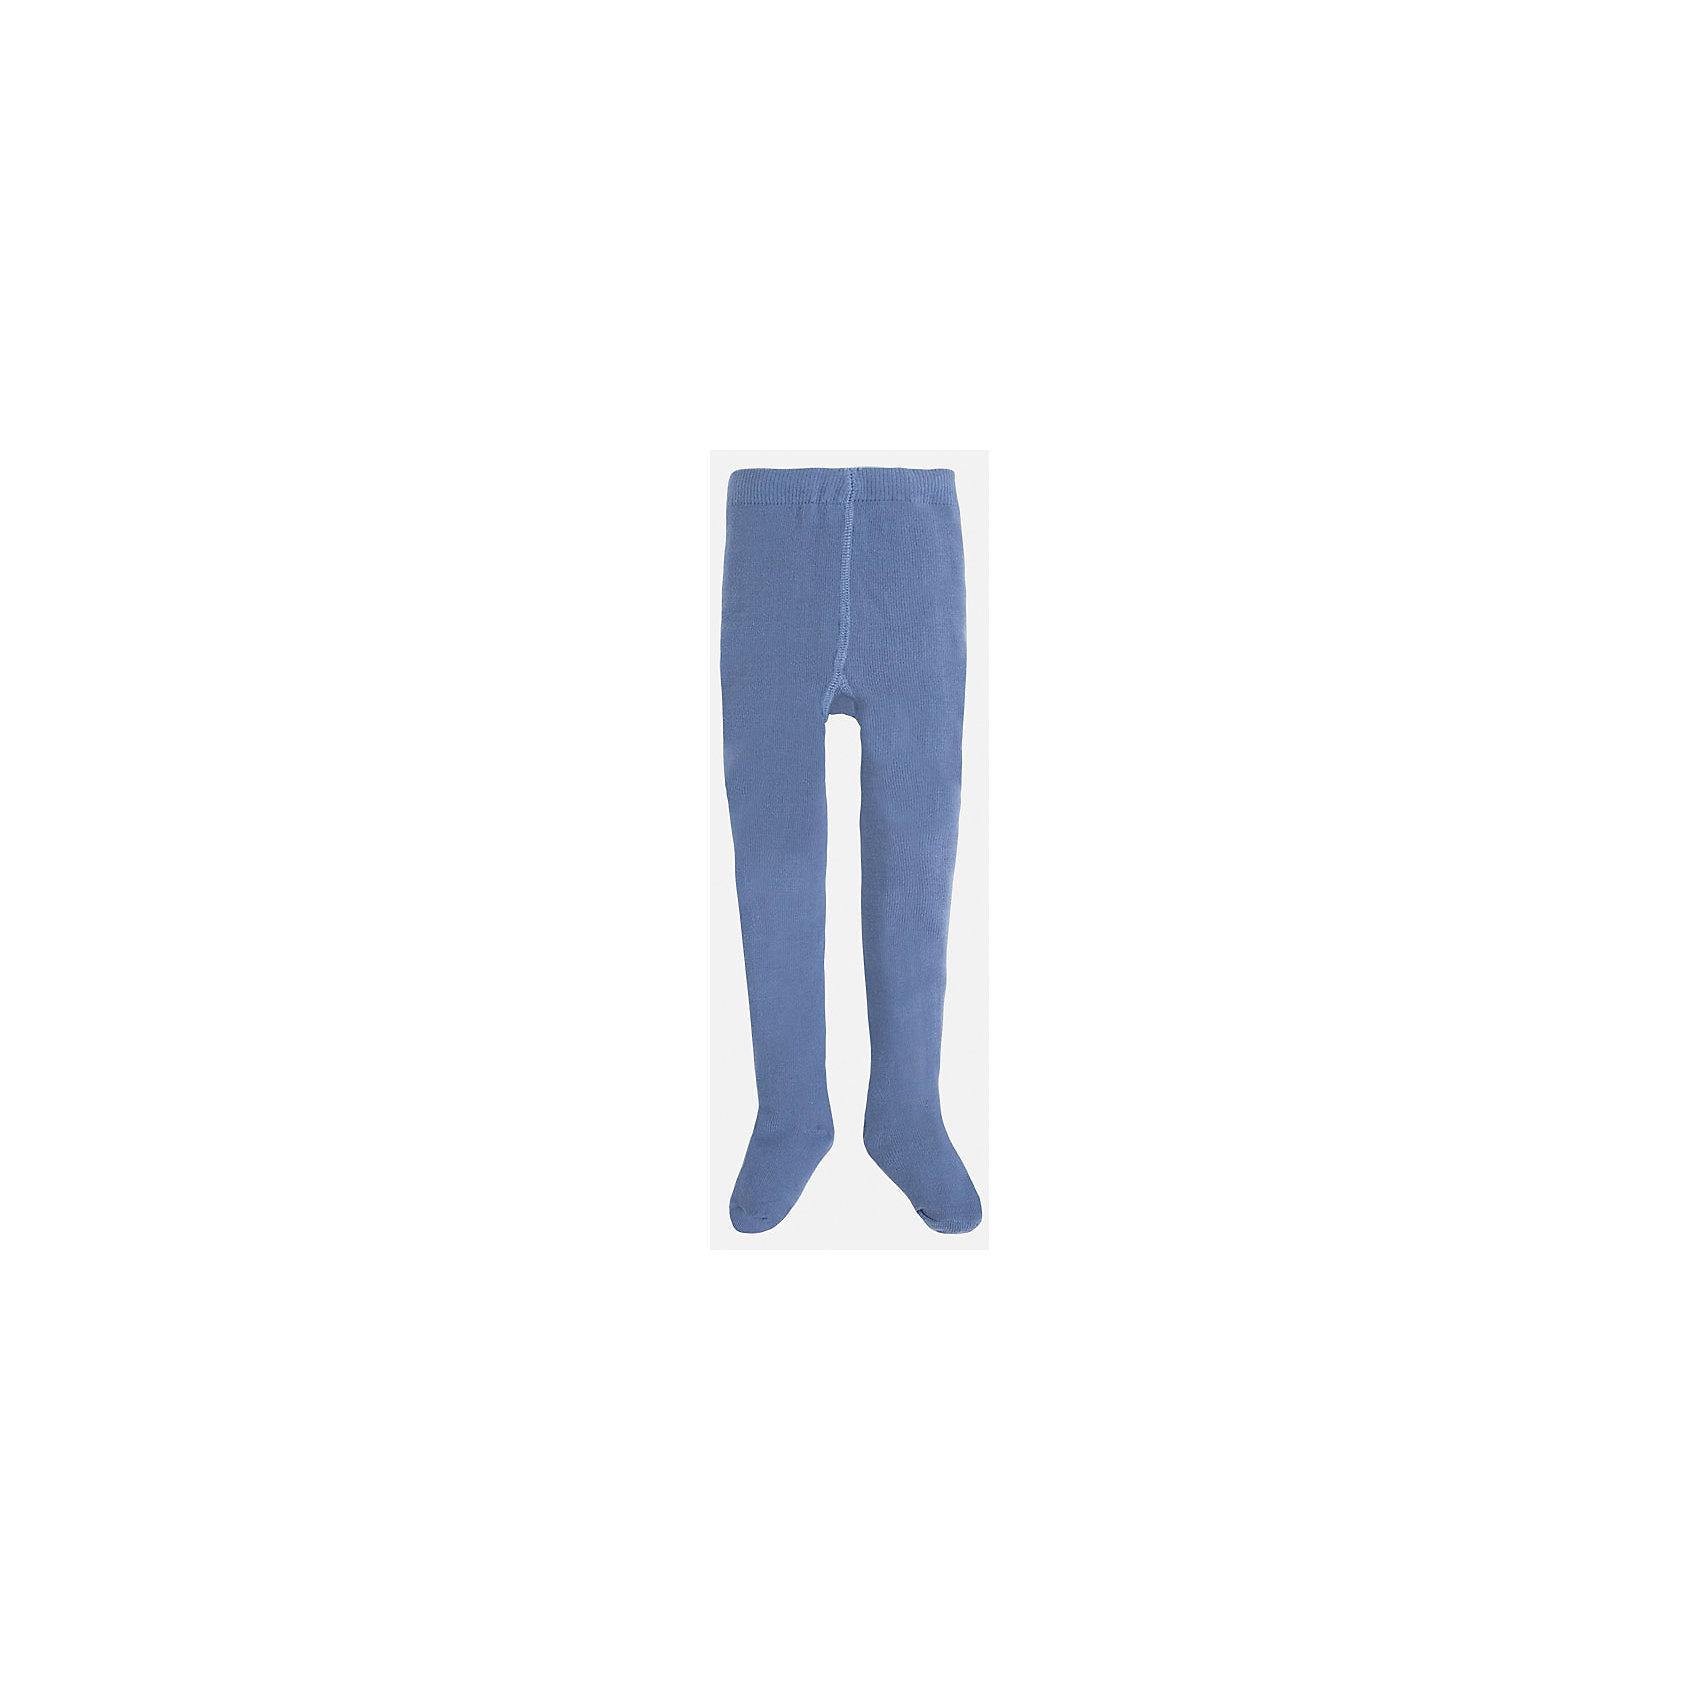 Колготки для девочки MayoralКолготки<br>Колготки для девочки Mayoral (Майорал) от известного испанского бренда Mayoral. Классические колготки голубого цвета из эластичного трикотажа. Все швы выполнены максимально плоскими и прочными. У колготок эластичный пояс и широкая резинка, которая регулируется. Колготки просты в уходе, разрешается стирка и глажка.  <br><br>Дополнительная информация:<br><br>- Предназначение: повседневная одежда<br>- Цвет: голубой меланж<br>- Пол: для девочки<br>- Состав: 77% хлопок, 20% полиамид, 3% эластан<br>- Сезон: круглый год<br>- Особенности ухода: стирка при температуре 30 градусов, глажение<br><br>Подробнее:<br><br>• Для детей в возрасте: от 2 лет и до 9 лет<br>• Страна производитель: Китай<br>• Торговый бренд: Mayoral<br><br>Колготки для девочки Mayoral (Майорал) можно купить в нашем интернет-магазине.<br><br>Ширина мм: 123<br>Глубина мм: 10<br>Высота мм: 149<br>Вес г: 209<br>Цвет: синий<br>Возраст от месяцев: 96<br>Возраст до месяцев: 108<br>Пол: Женский<br>Возраст: Детский<br>Размер: 128,116,104,92<br>SKU: 4847698